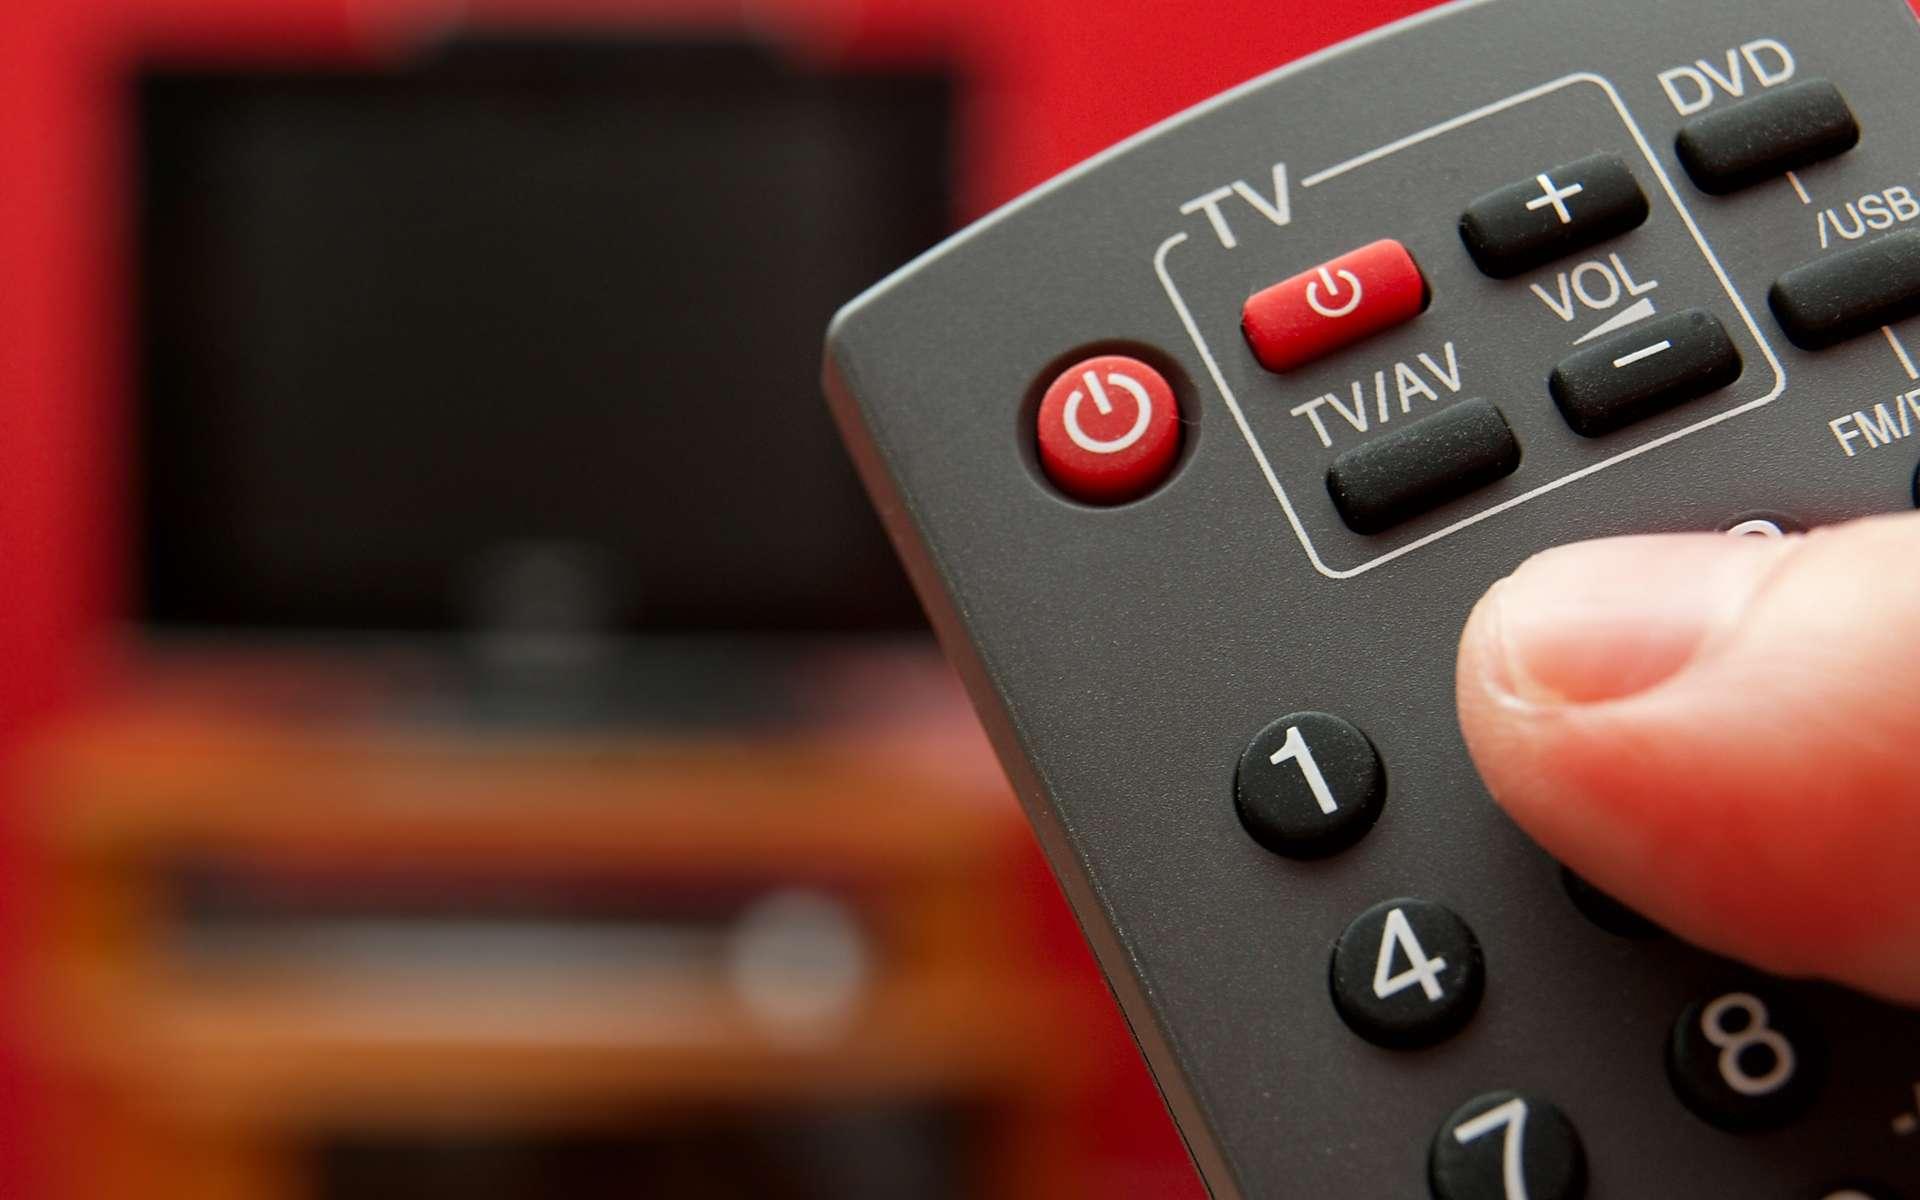 Adaptateur ou nouveau téléviseur : il faudra changer de matériel pour zapper sur la télévision numérique. © Peter Gudela